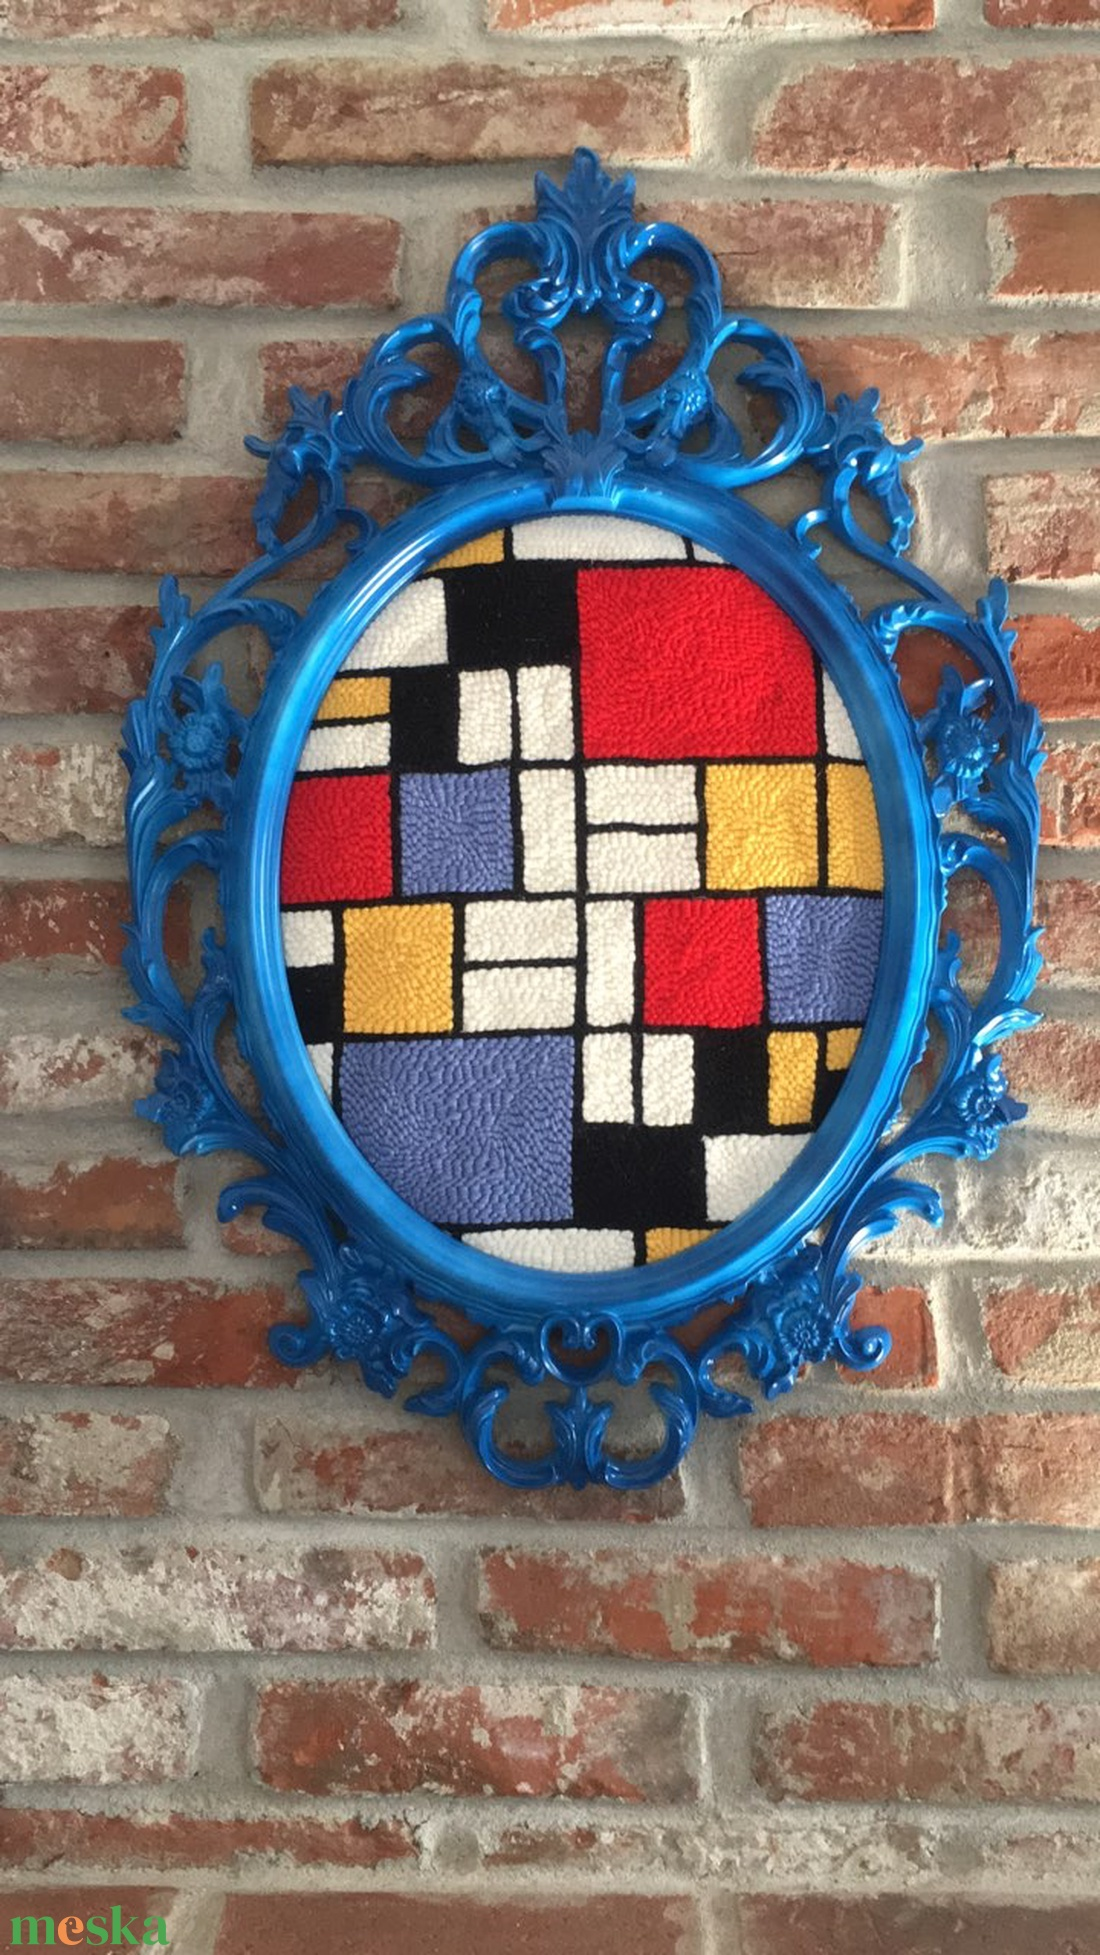 Falikép gyapjúval - Mondrian inspiráció (AnnaKamadar) - Meska.hu